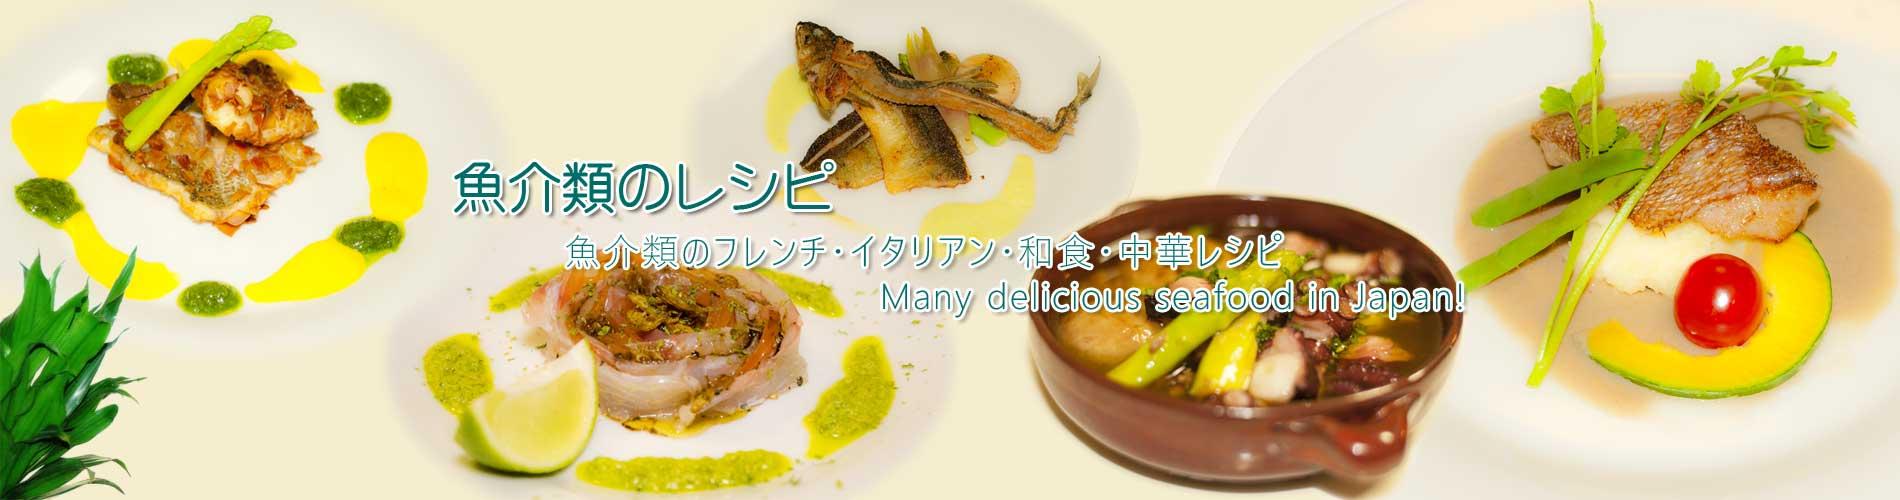 魚料理、魚介類の料理レシピ集